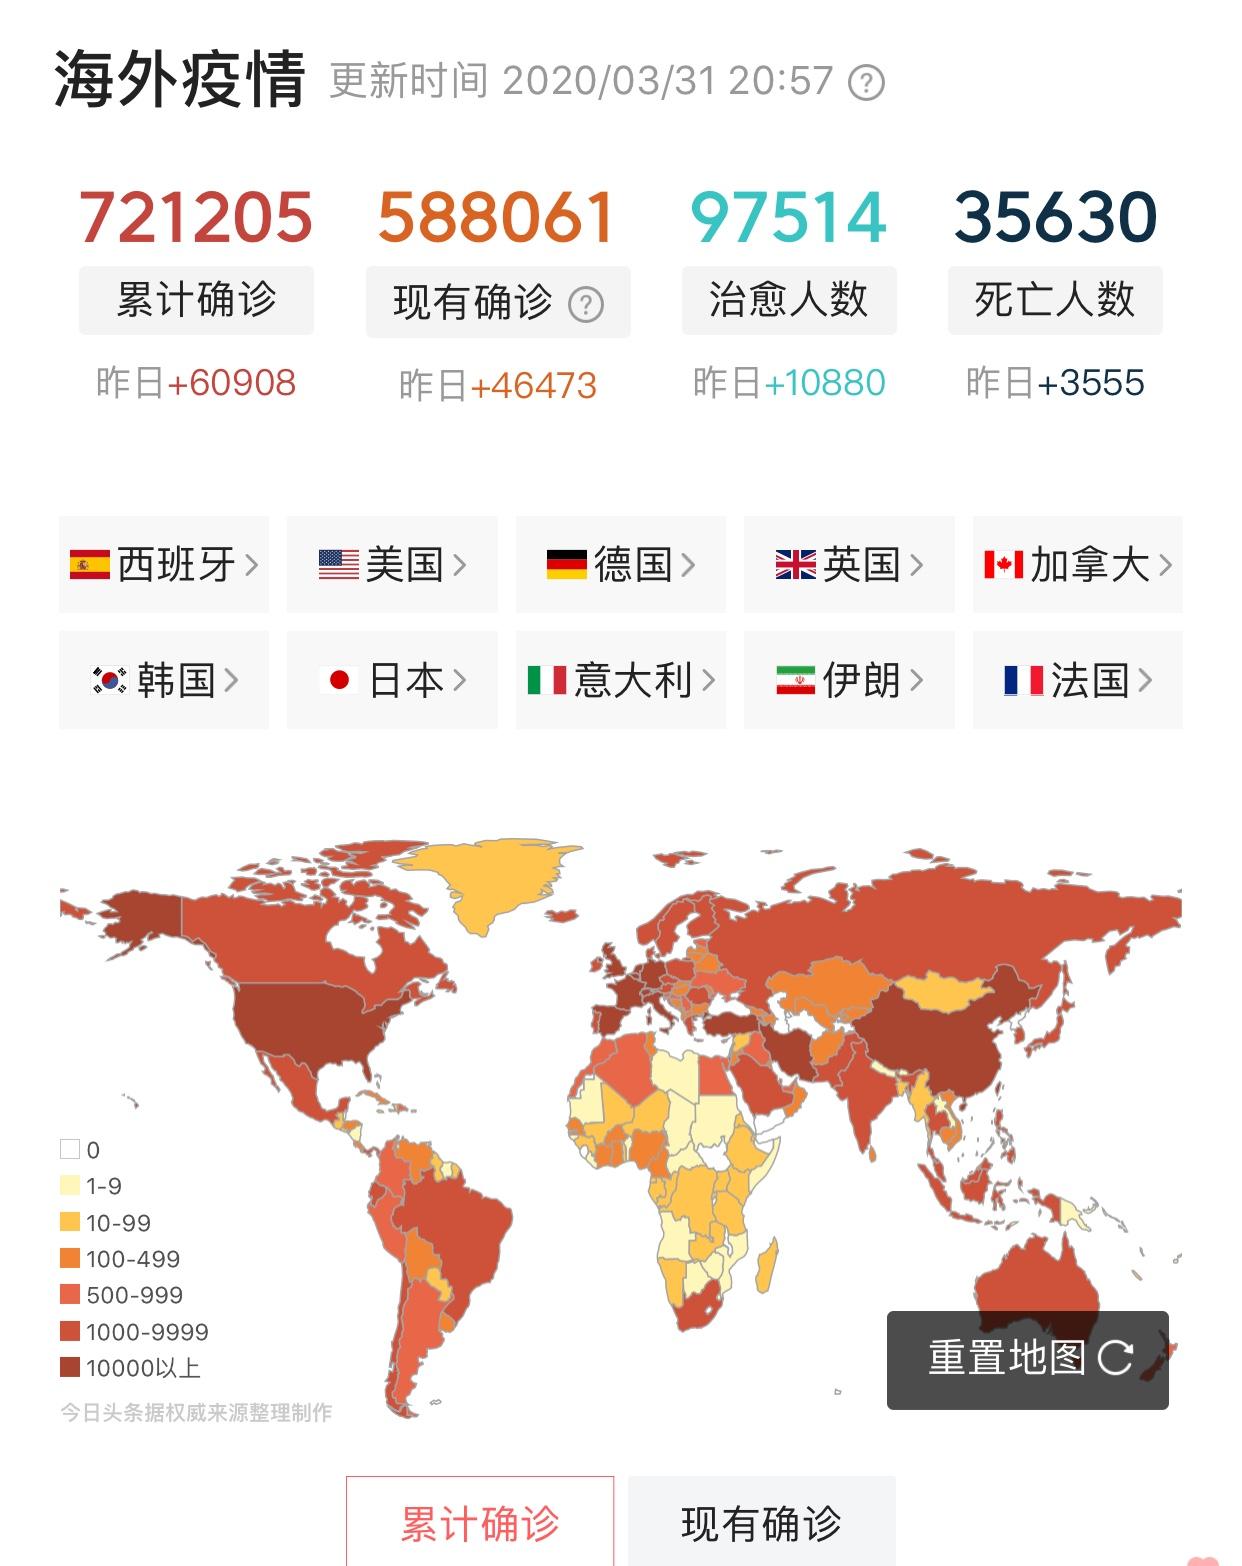 美国确诊突破16万,意大利紧随其后破10万,东京奥运会也无奈推迟_中欧新闻_欧洲中文网